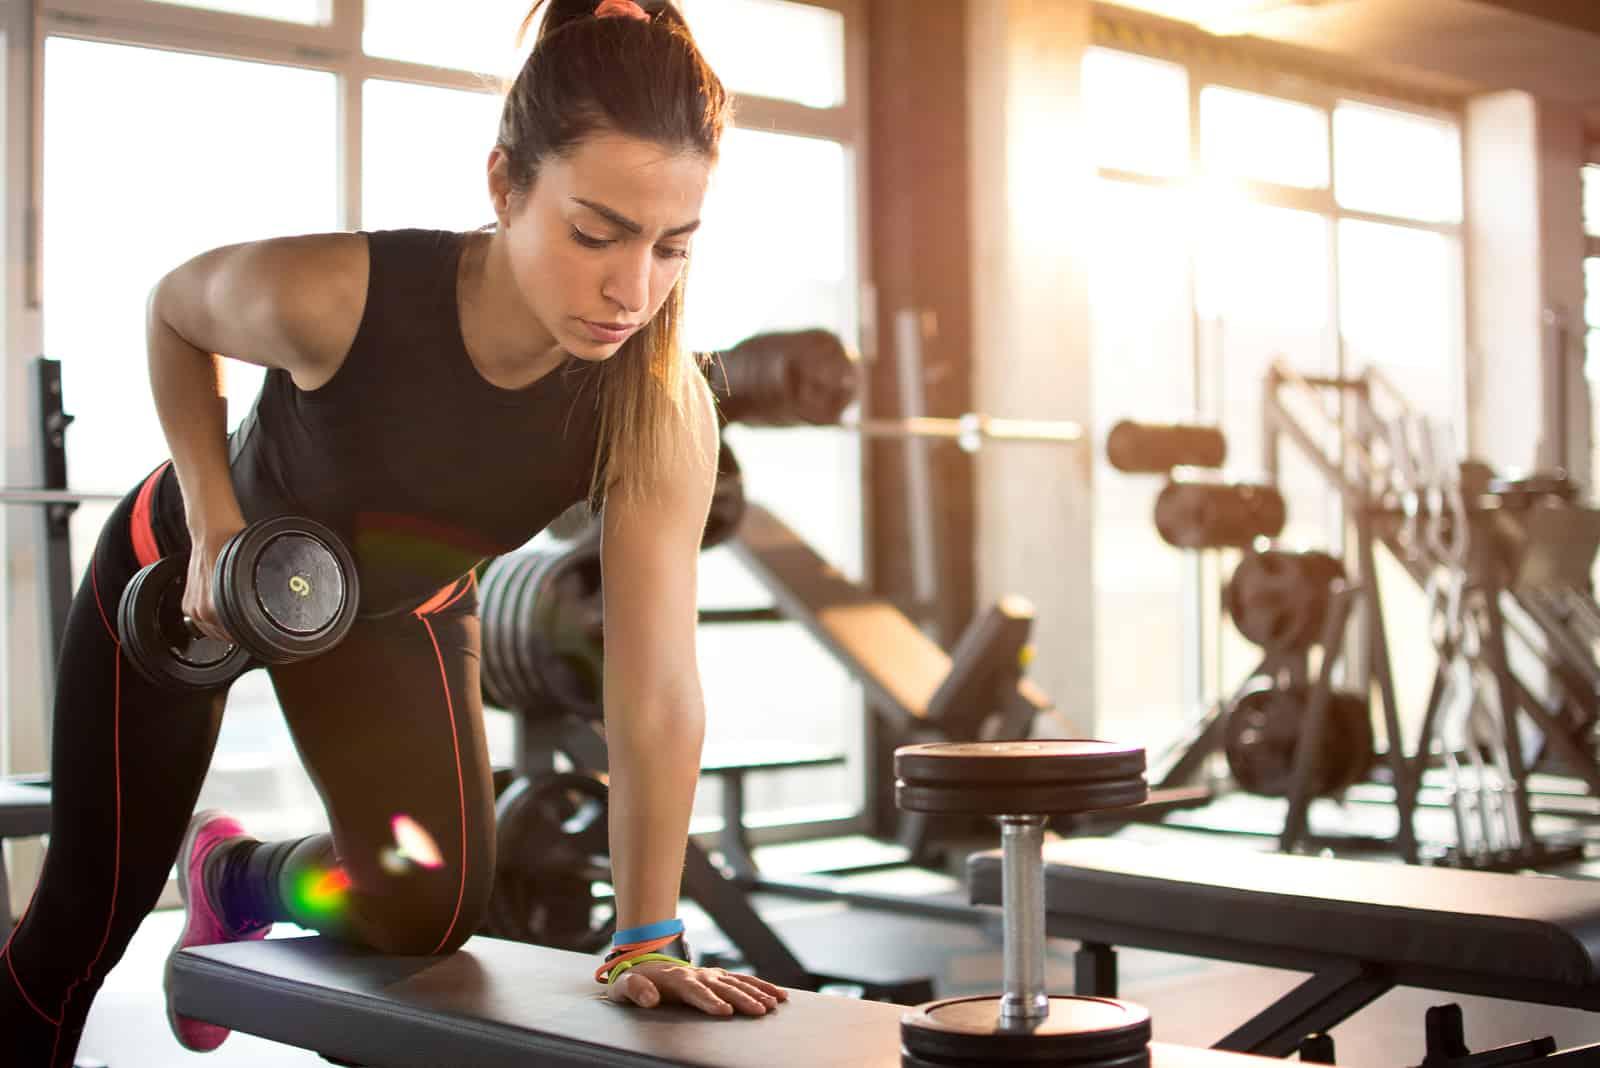 une femme soulève des poids au gymnase